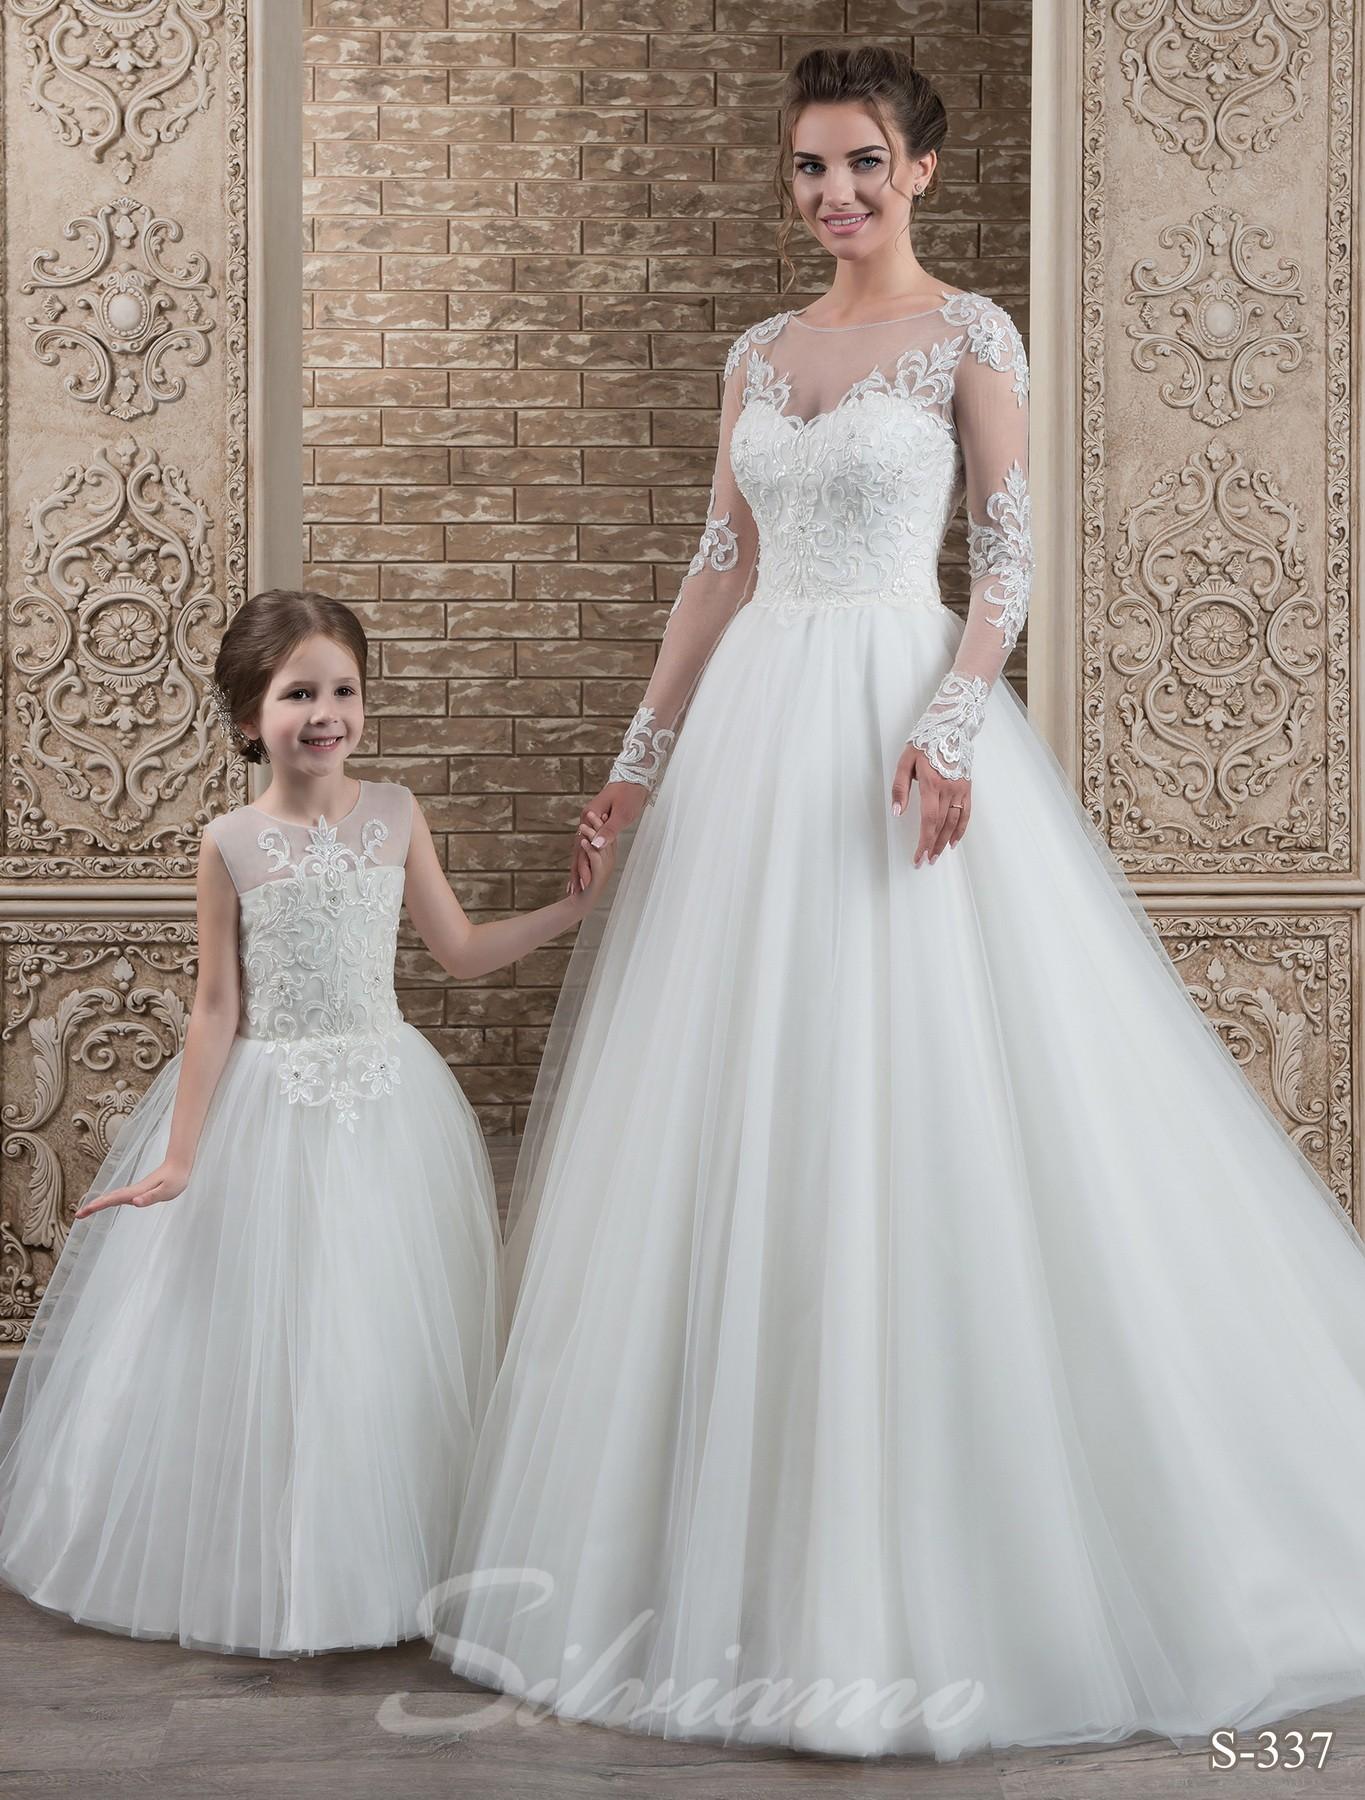 e1cbc4c186de8a Дитячі сукні family look: модні ідеї